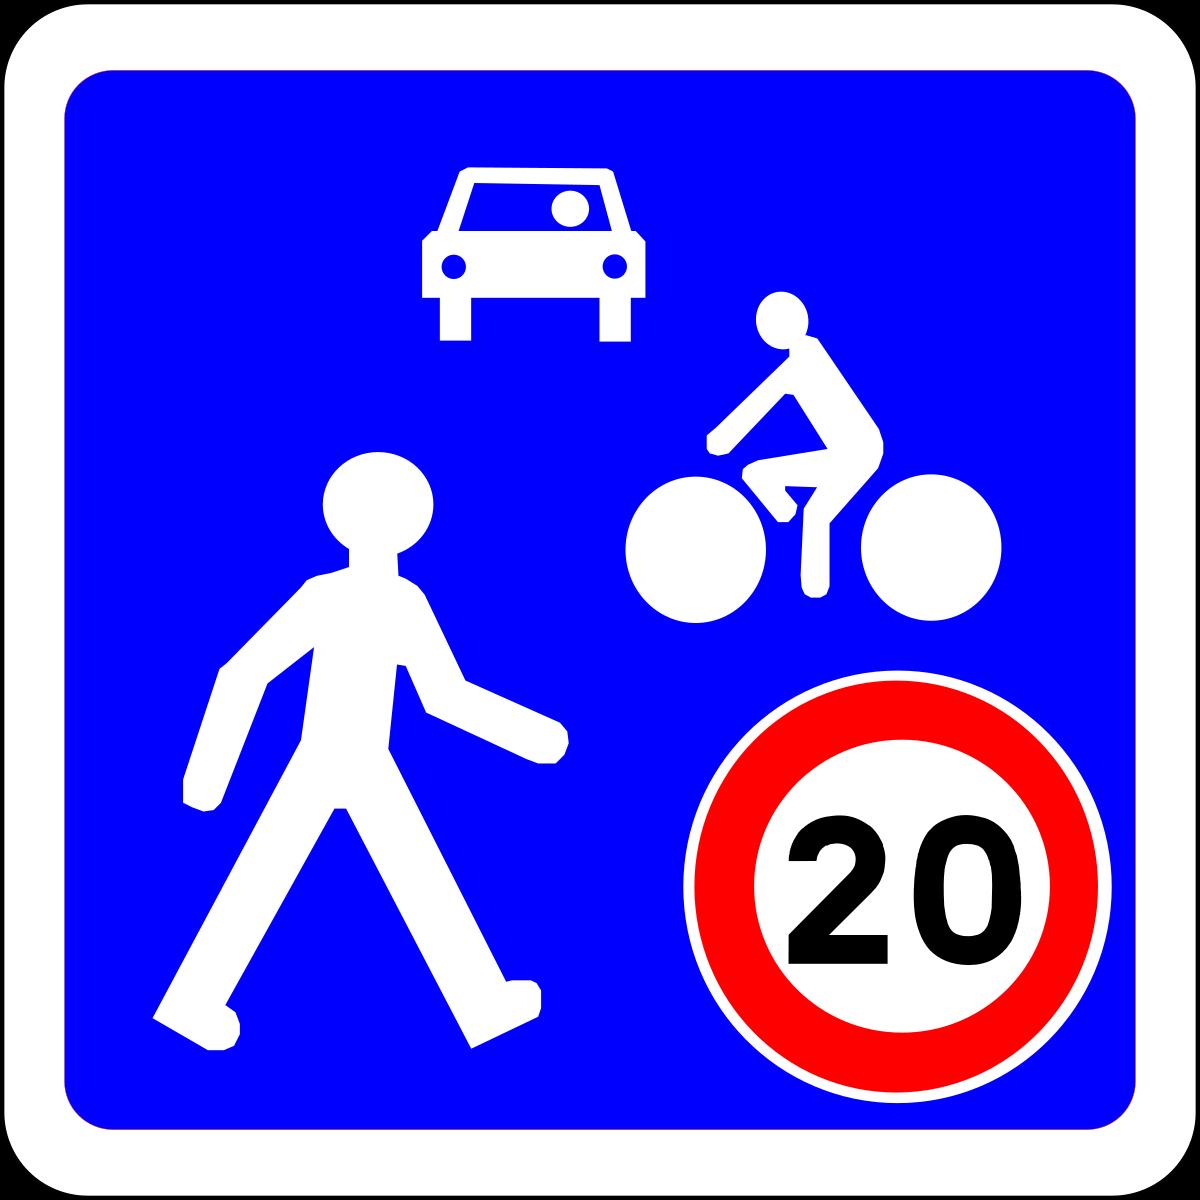 Zone de rencontre   Fédération française des usagers de la bicyclette